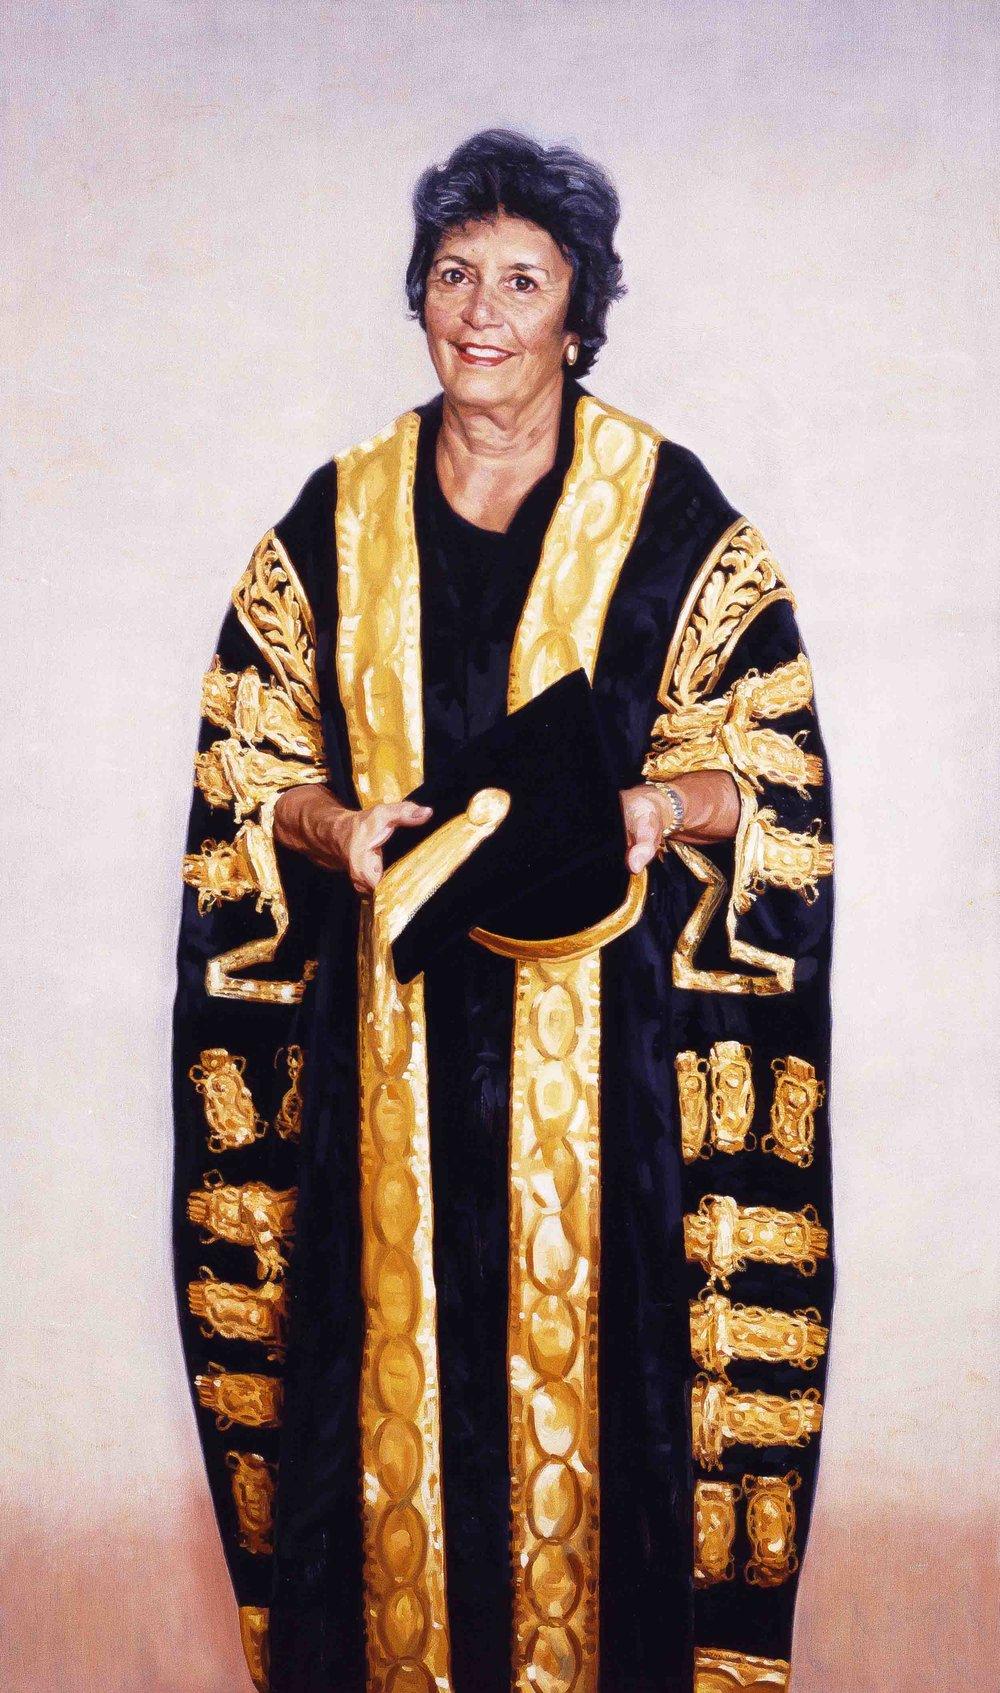 Chancellor Pat O'Shane (2004)